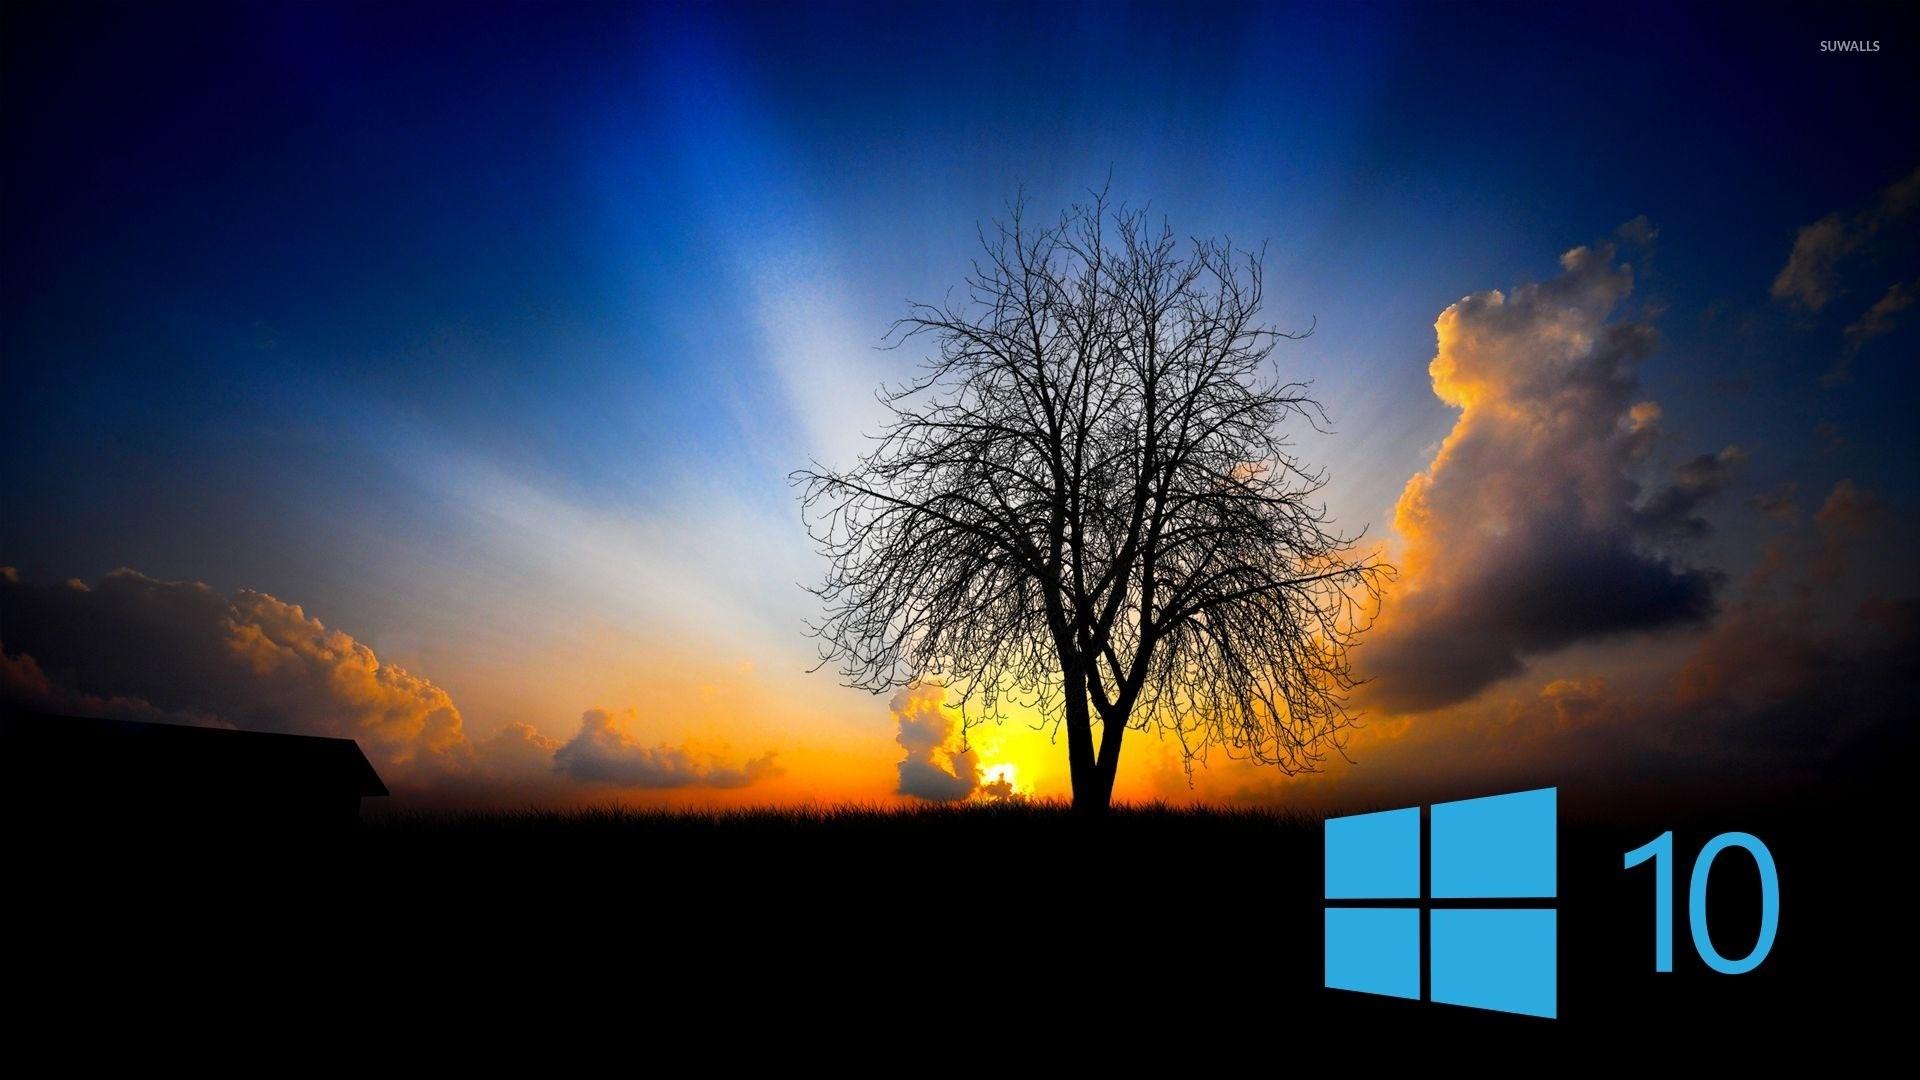 Widescreen hd windows 10 wallpaper 64 images - Windows 10 wallpaper hd 1080p ...